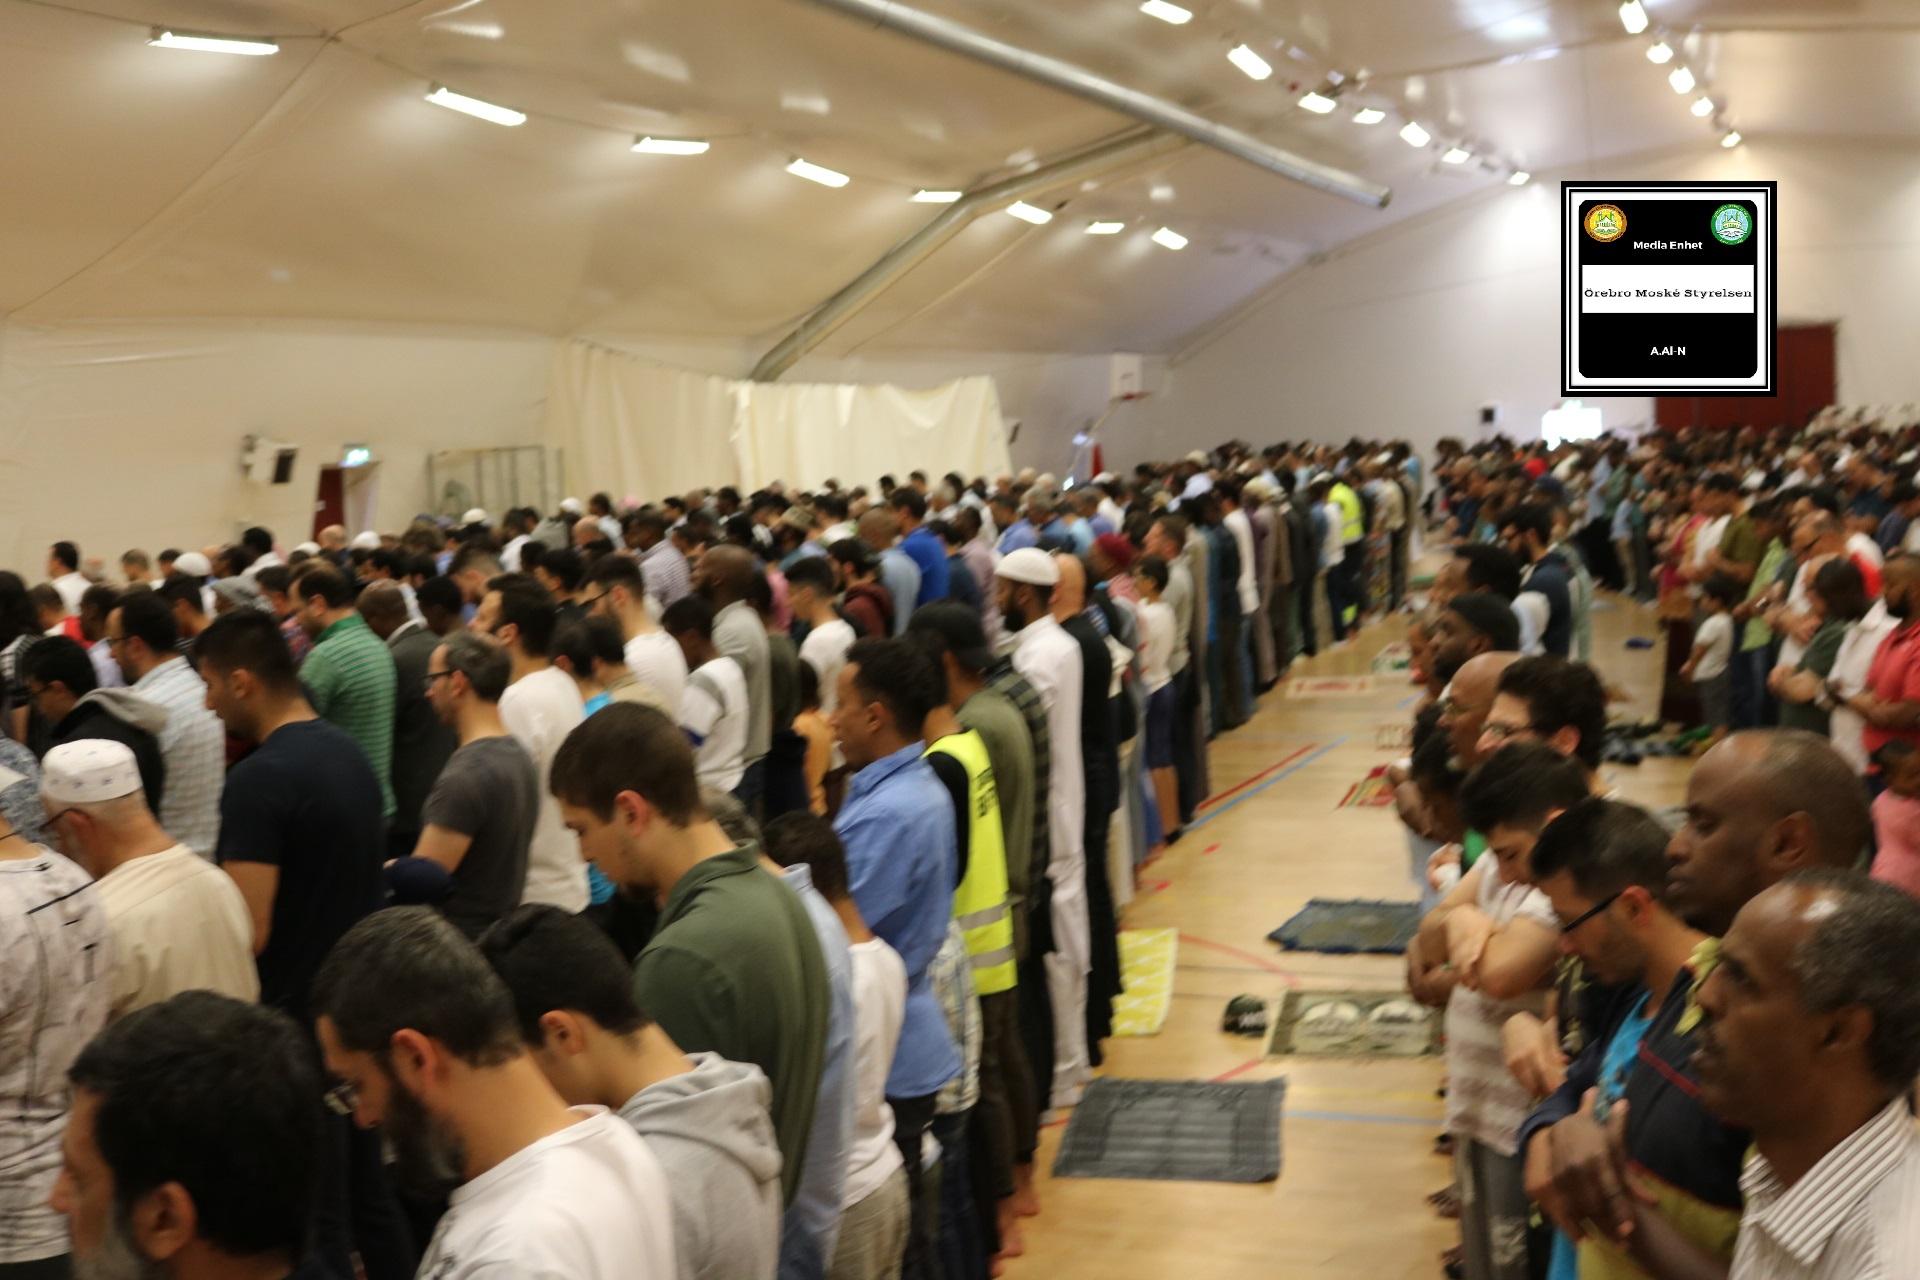 الأحكام الشرعية التي تضبط عملية الطلاق (ضمن خطبة اسباب الطلاق) 19/07/2019 Shikh Abu Husam Hariri *************************** Friday Bön - Friday Prayers صلاة الجمعة *************************** FILMED ON LOCATION *************************** Ballonghallen i Örebro